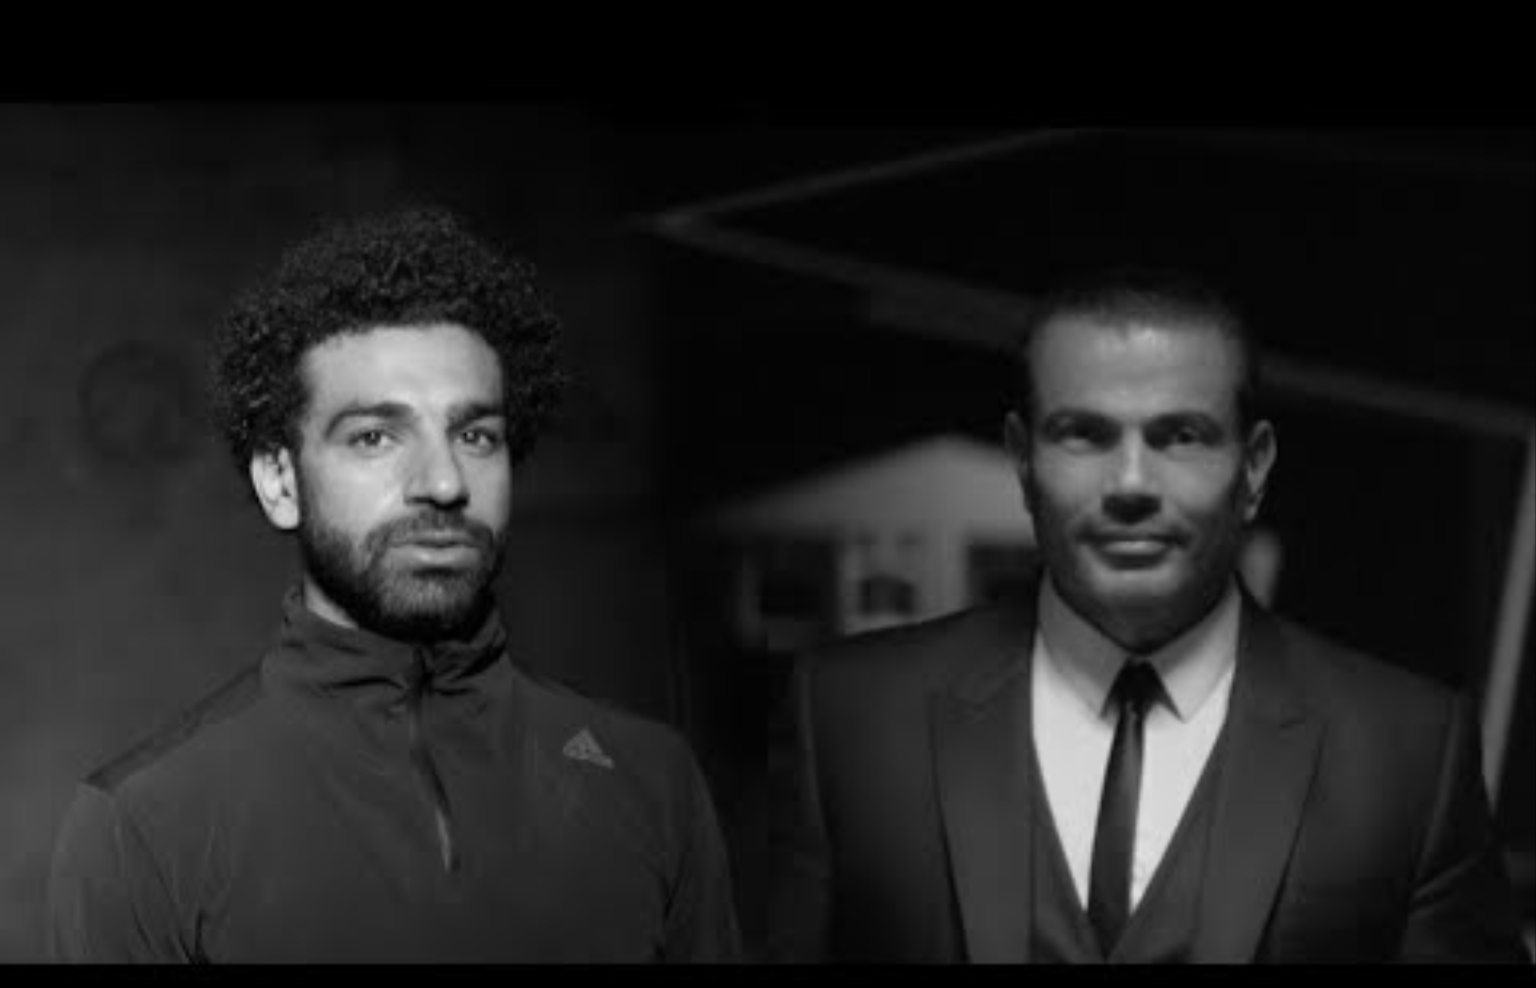 اعلان فودافون الجديد - عمرو دياب و محمد صلاح